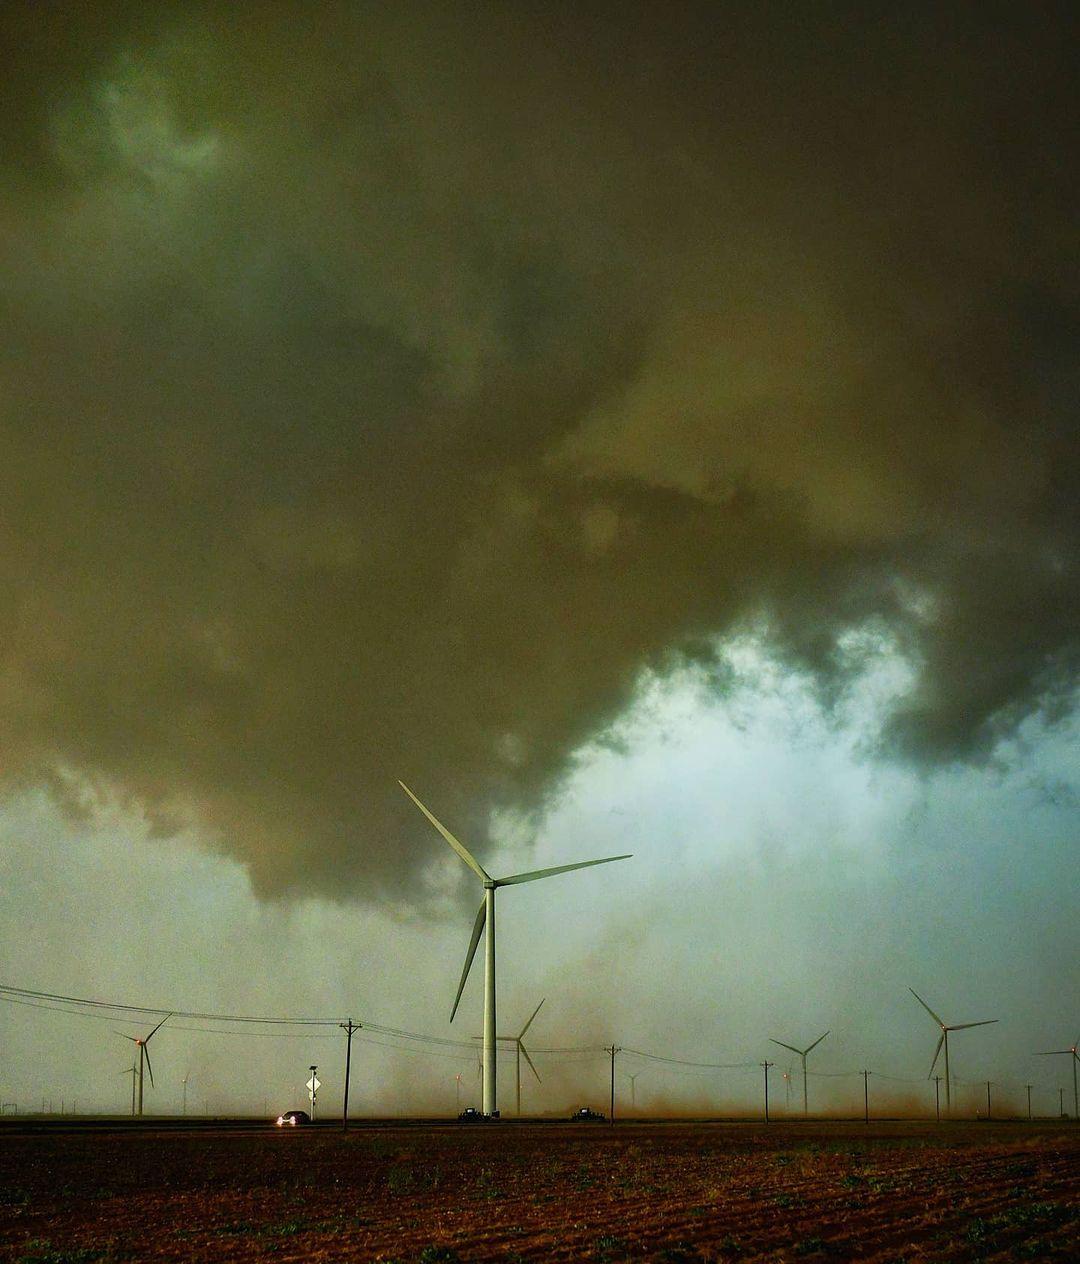 Яростные торнадо, грозы и штормы на снимках Грега Джонсона